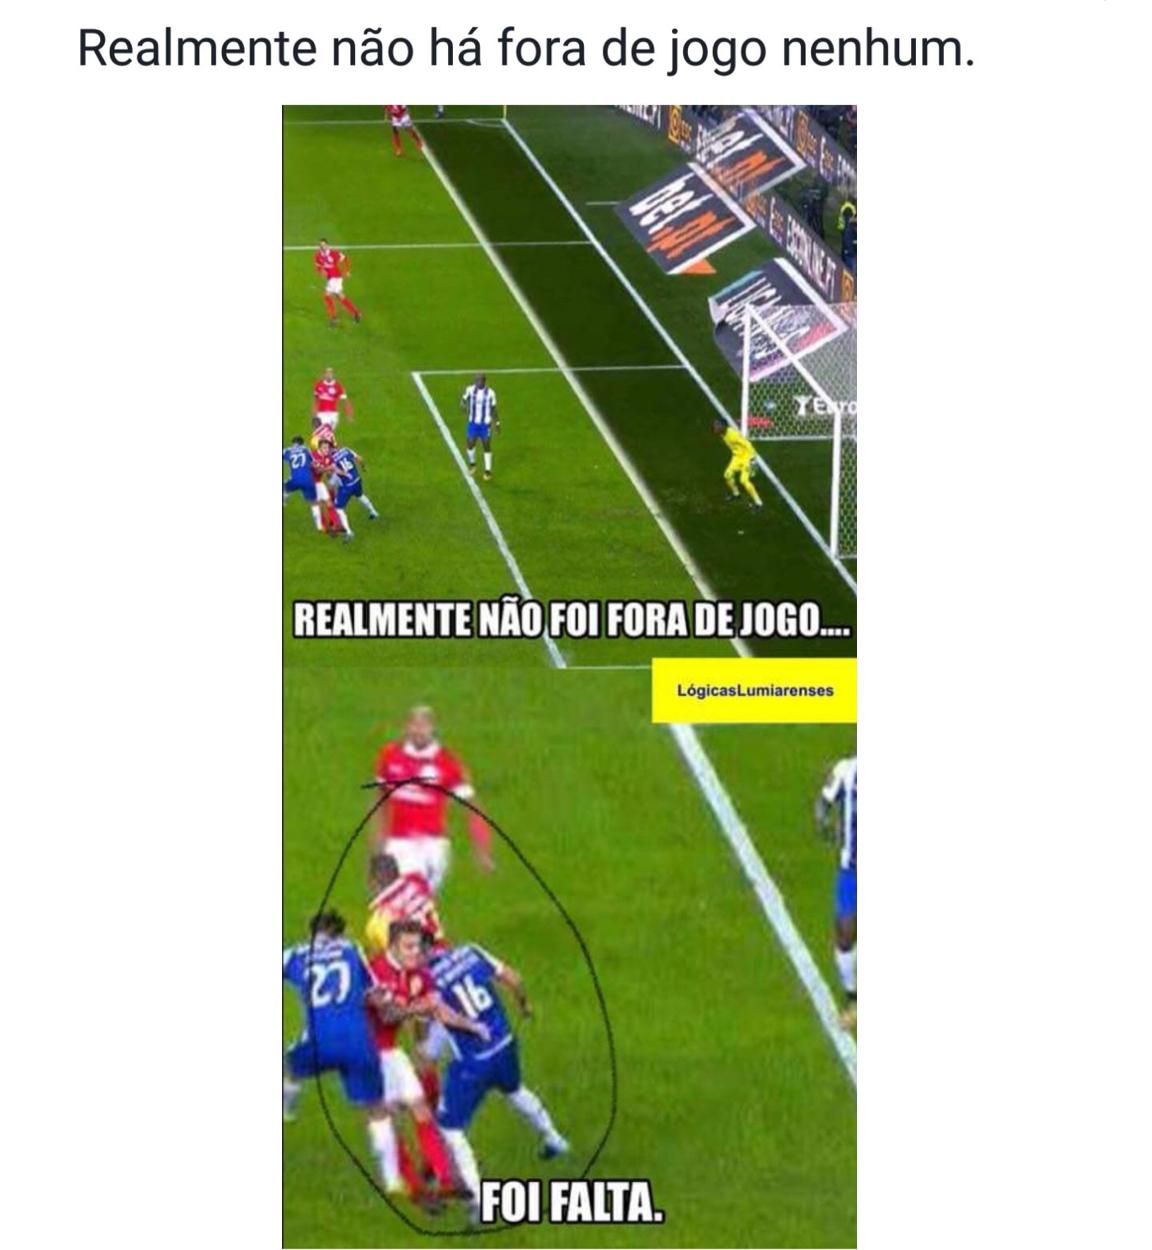 Importa ainda falar do alegado golo que o Sergio Conceição disse que foi  invalidado por fora de jogo. MENTIRA  8e867c64a36bb